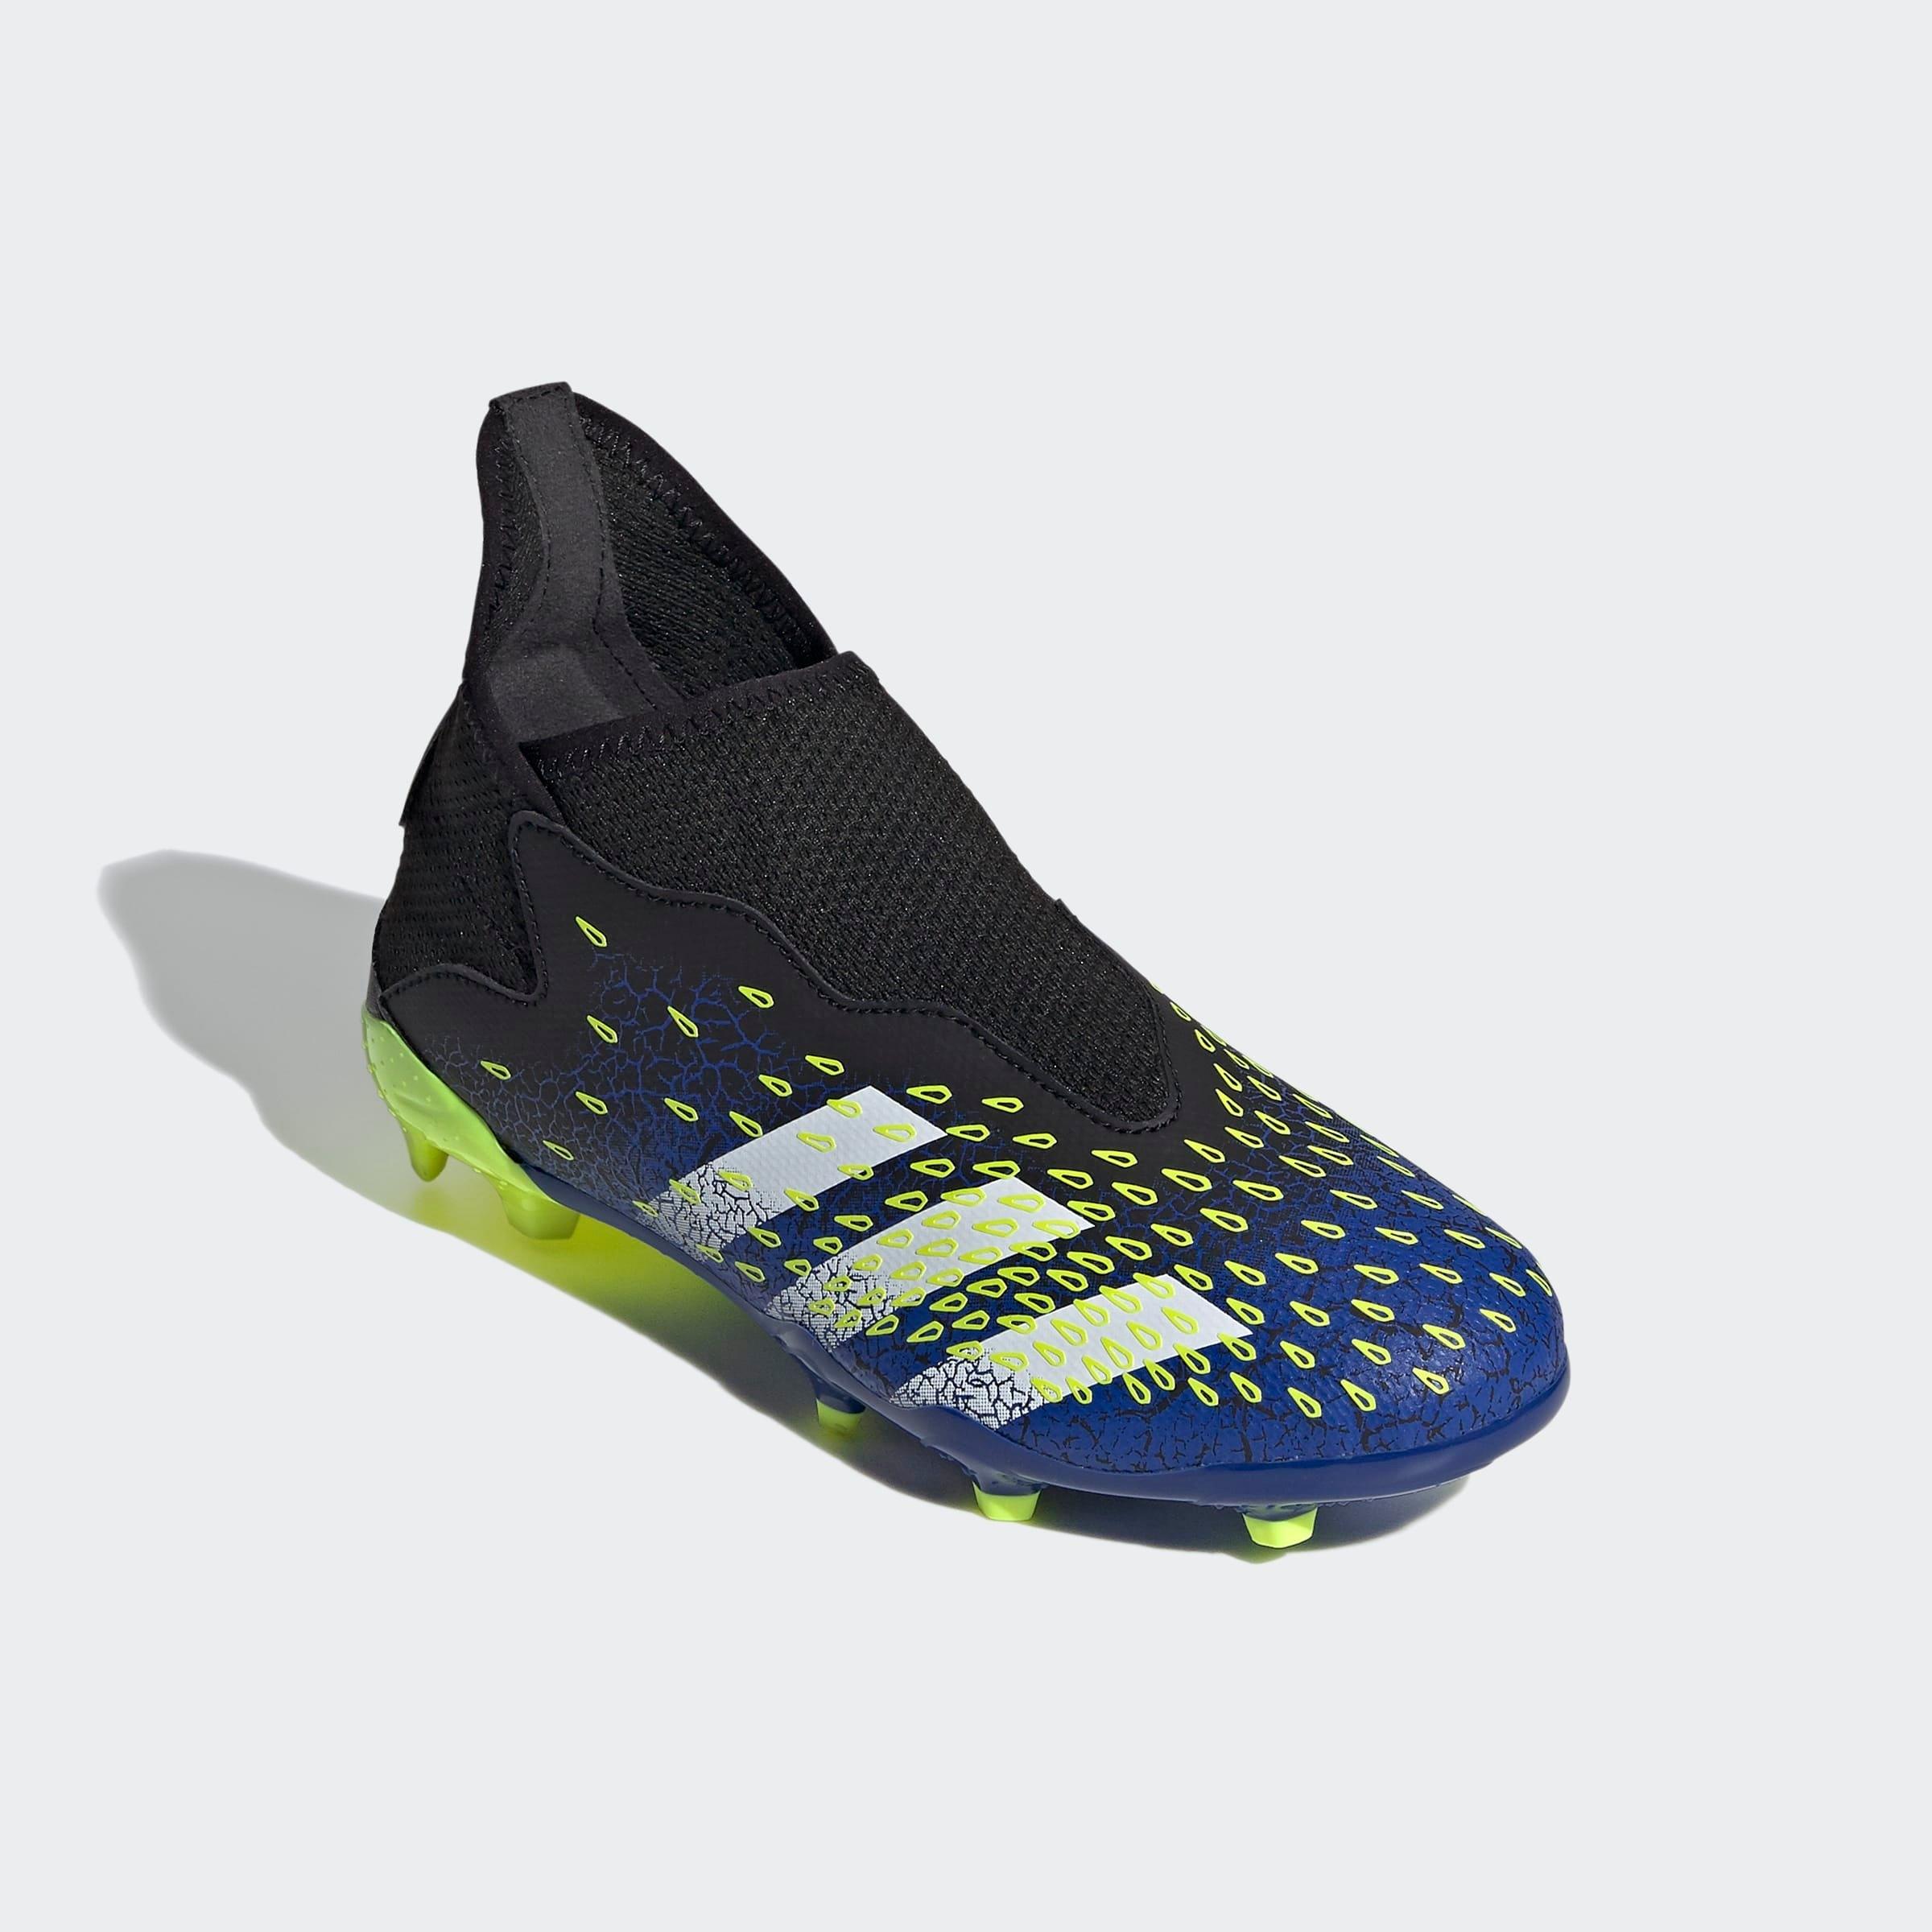 adidas Performance voetbalschoenen PREDATOR FREAK.3 LACELESS FG bestellen: 30 dagen bedenktijd